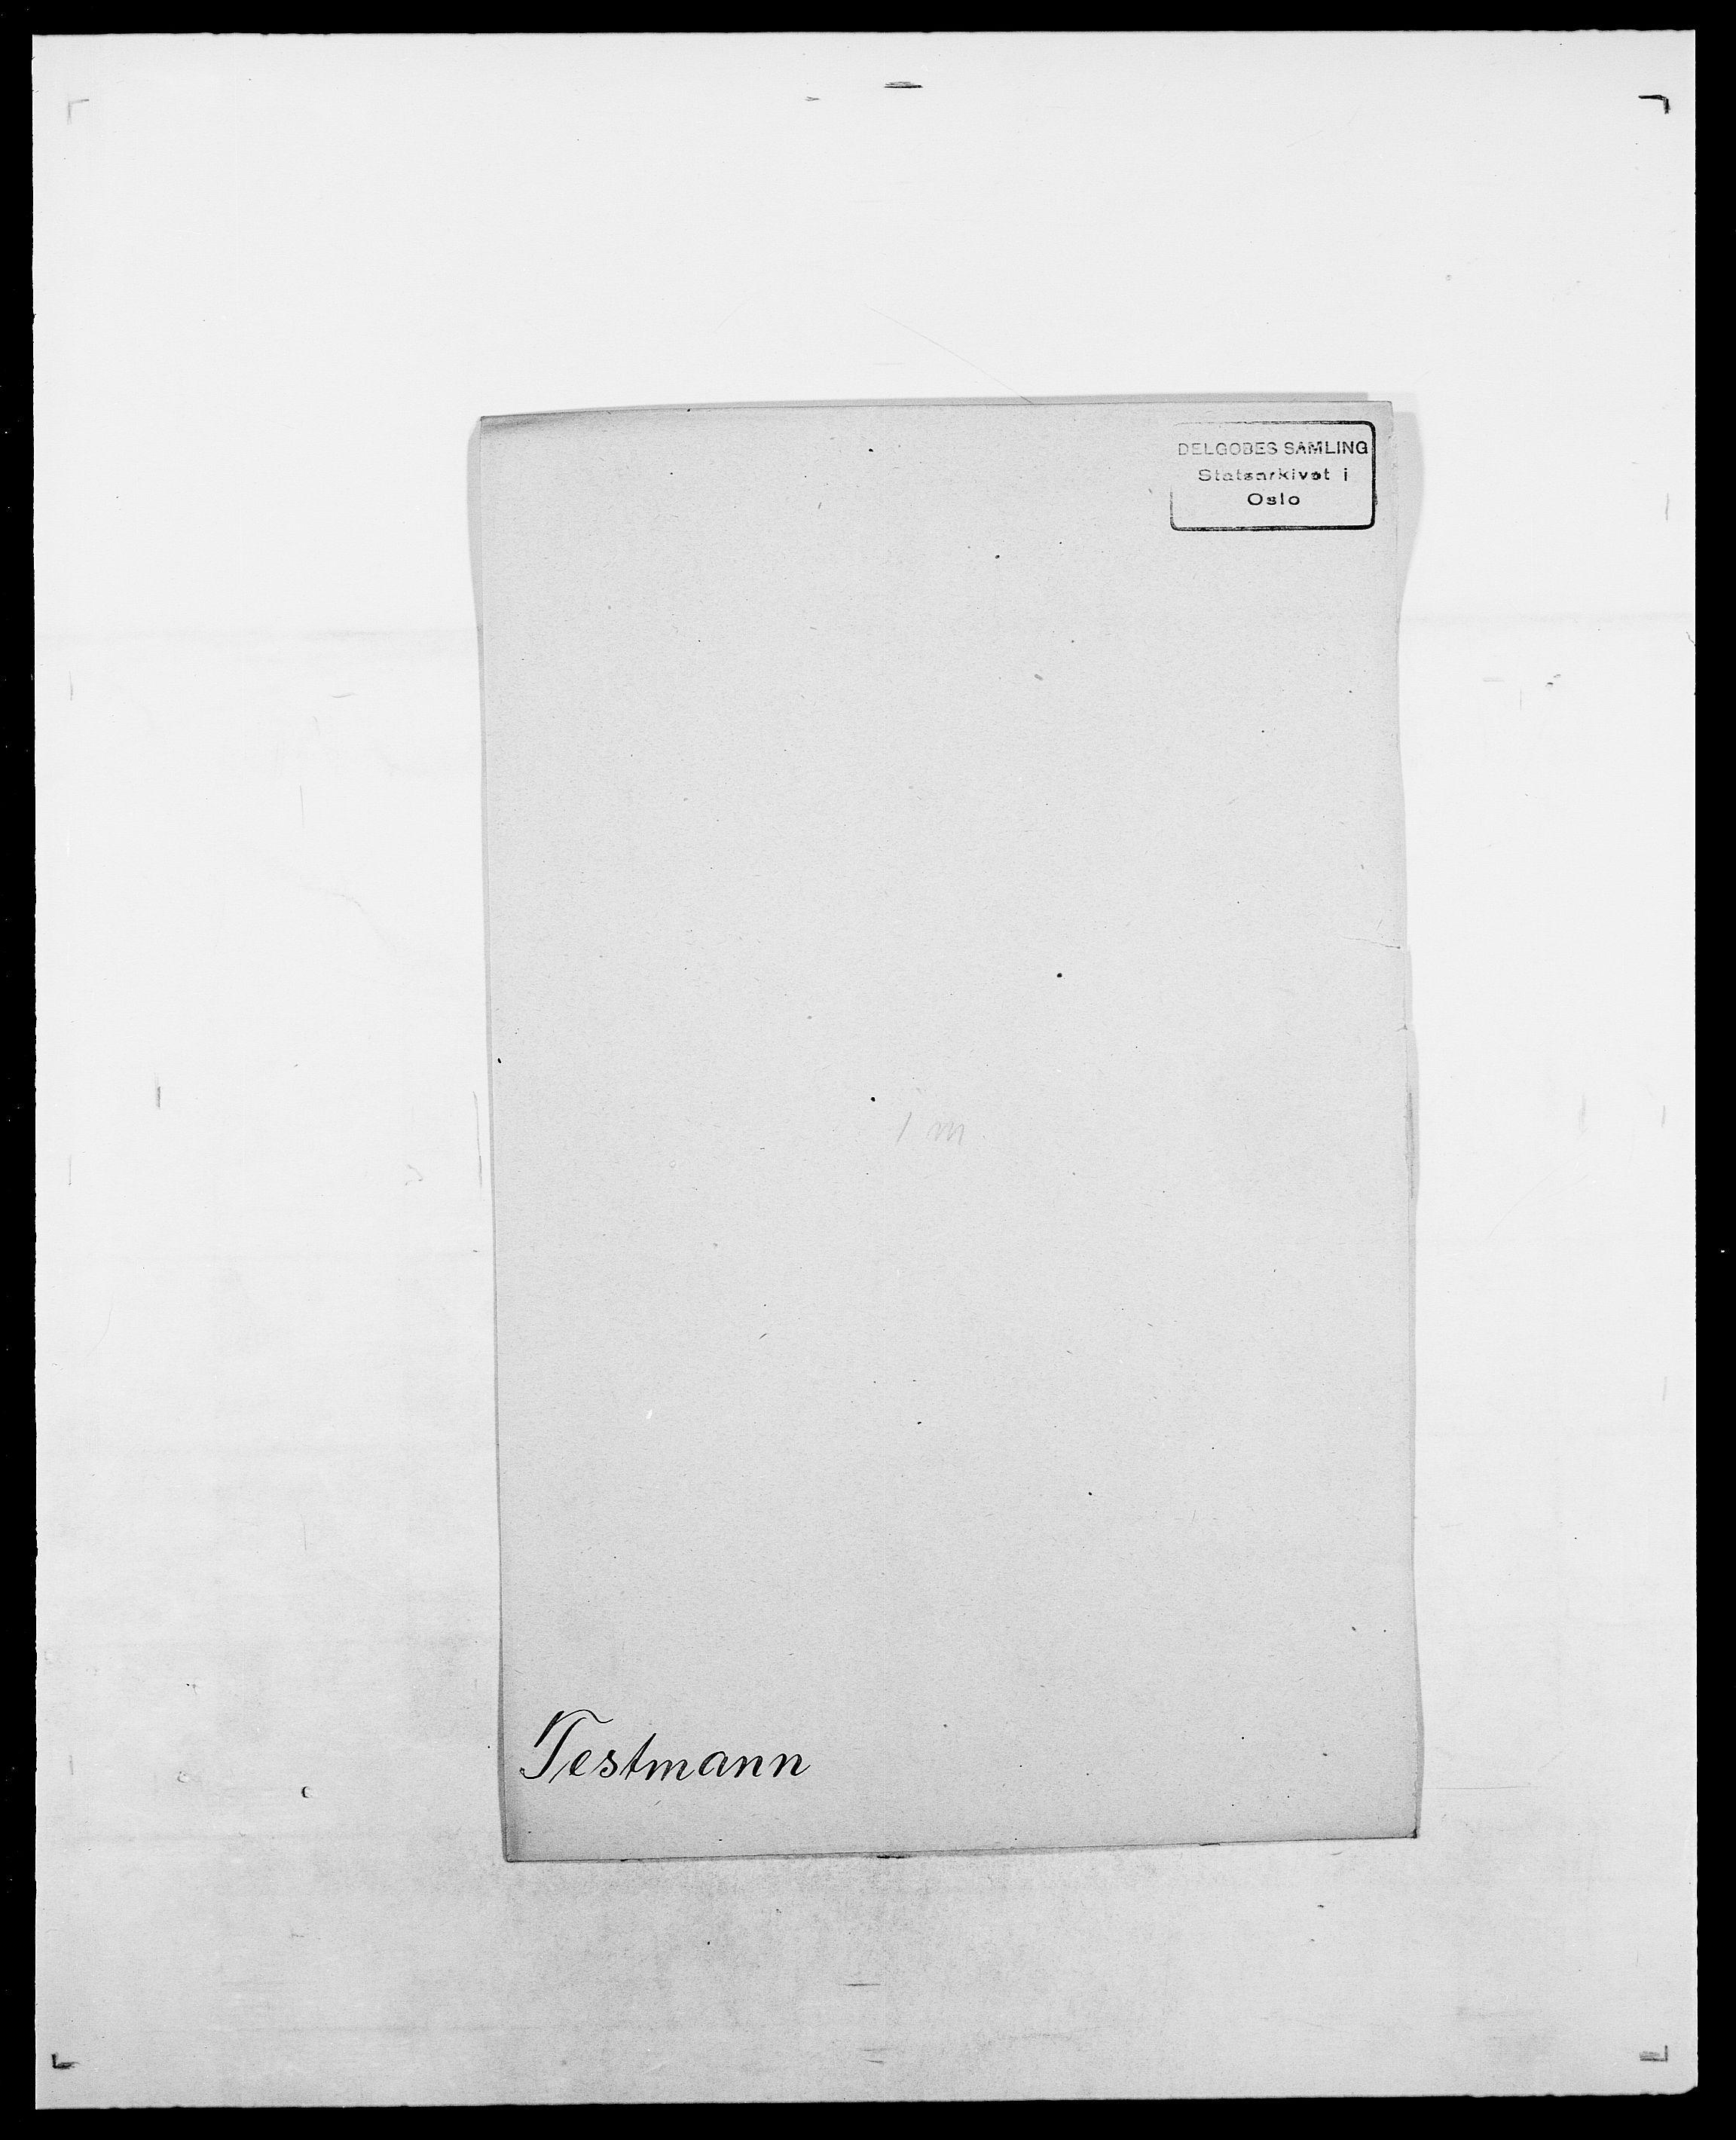 SAO, Delgobe, Charles Antoine - samling, D/Da/L0038: Svanenskjold - Thornsohn, s. 409